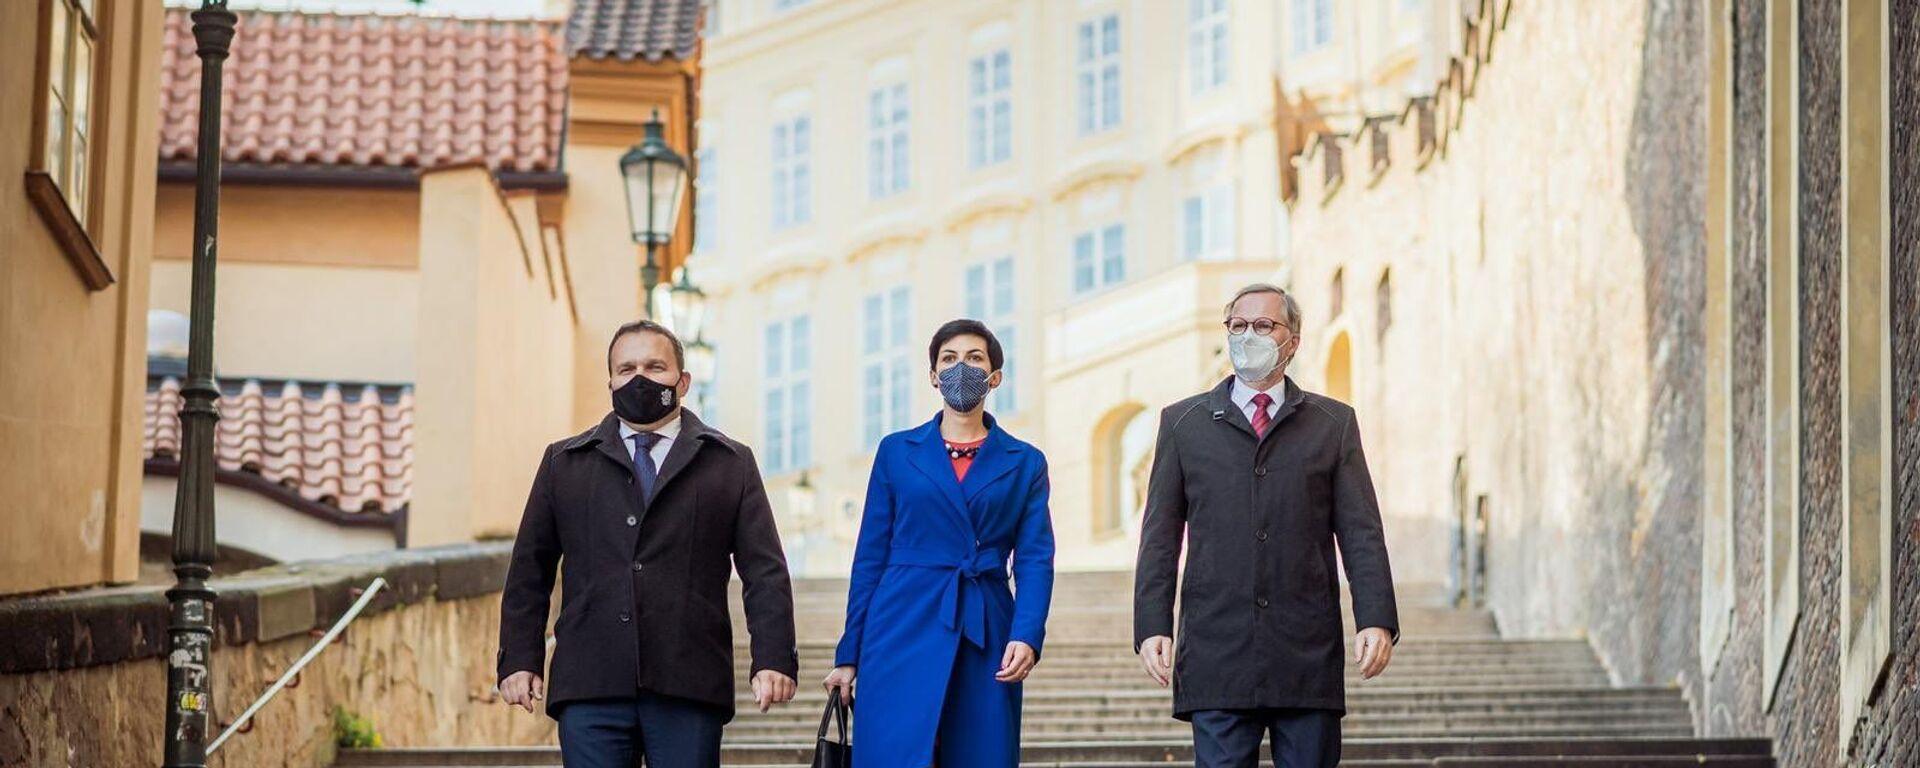 Lídři koalice Spolu: Marian Jurečka (KDU-ČSL), Markéta Pekarová Adamová (TOP 09) a Petr Fiala (ODS). - Sputnik Česká republika, 1920, 30.04.2021